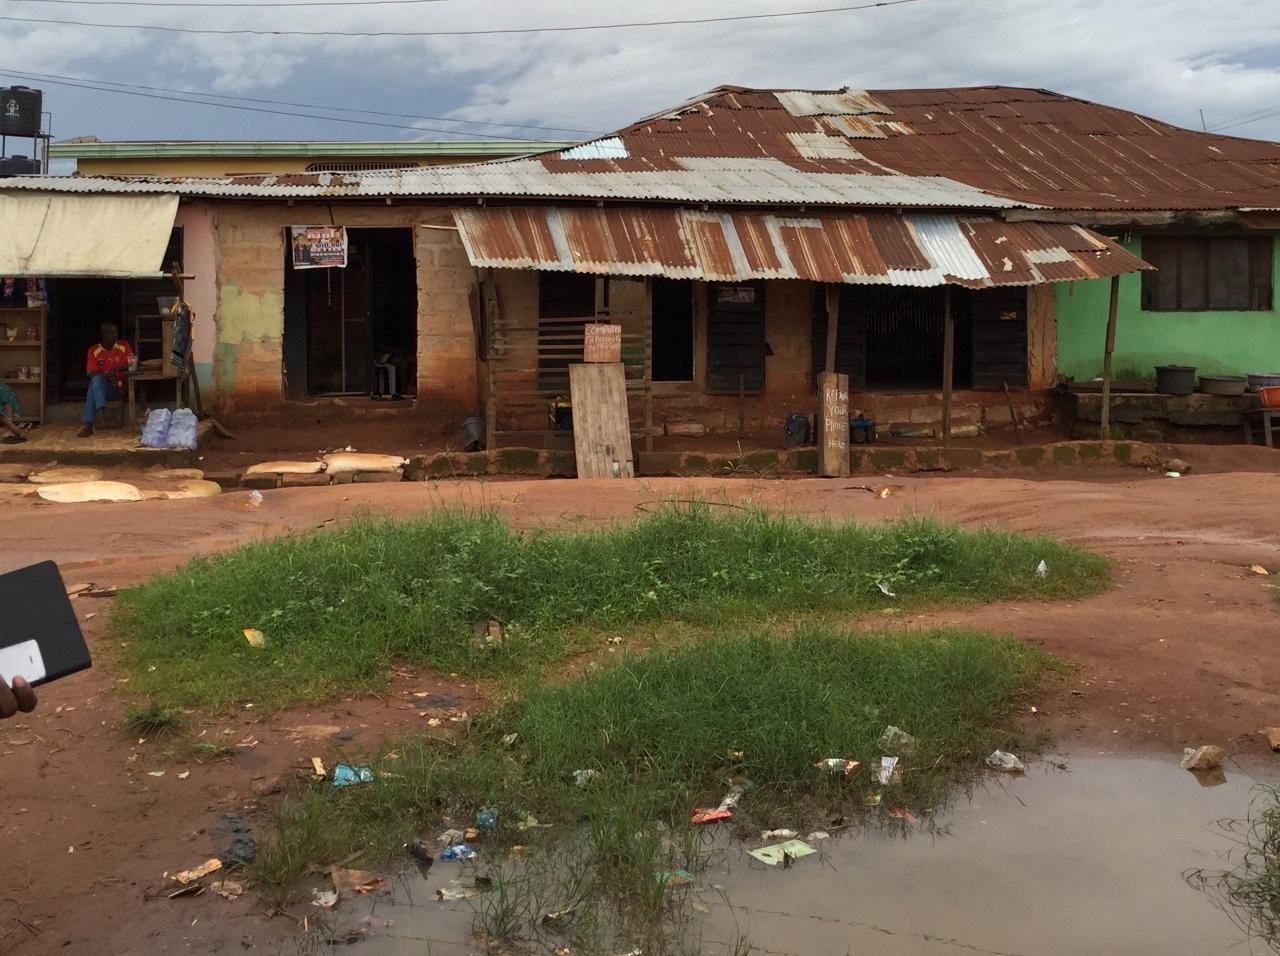 Typical village street in Nigeria.